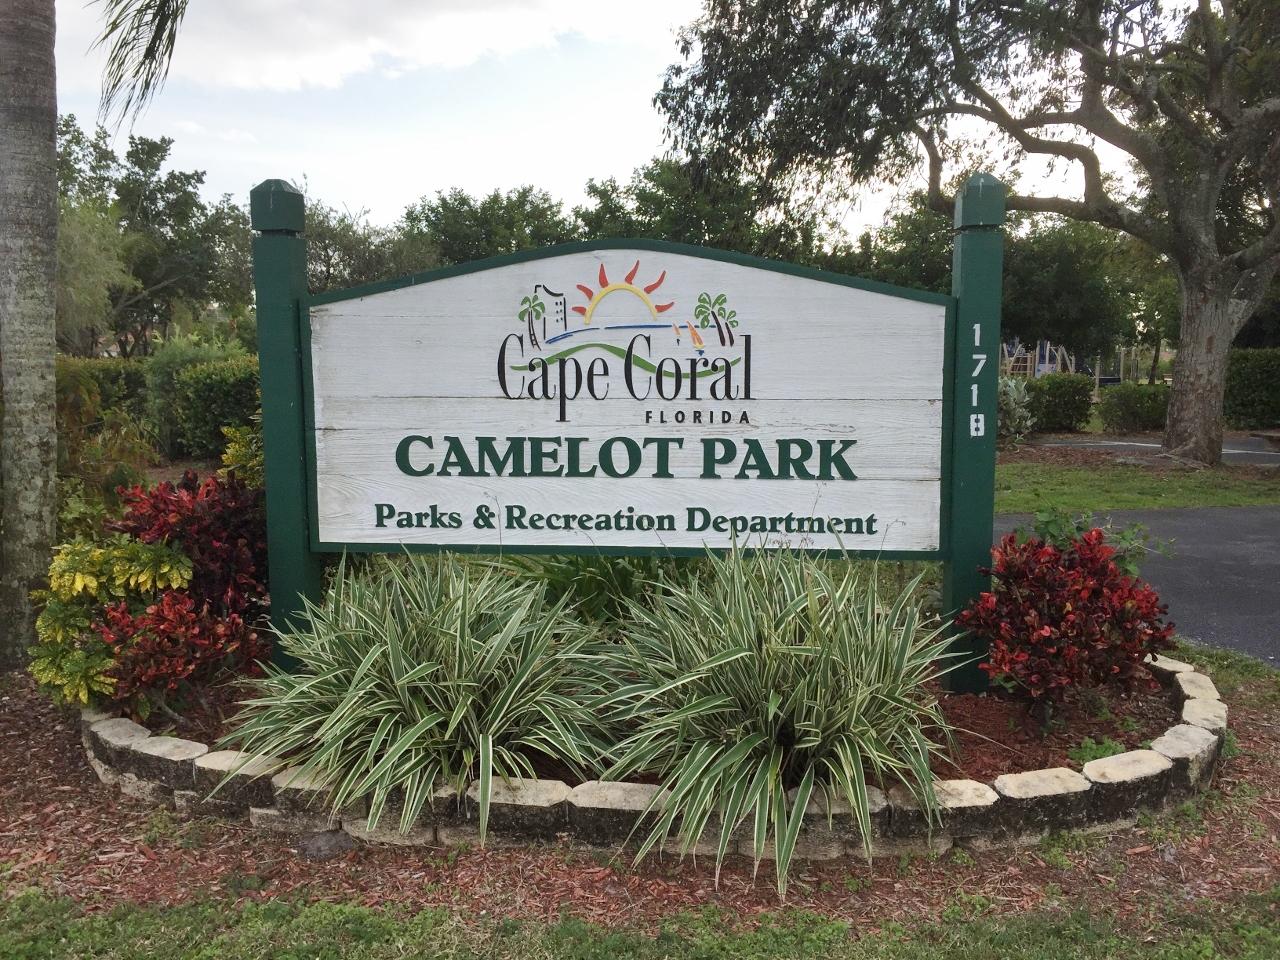 Camelot park sign